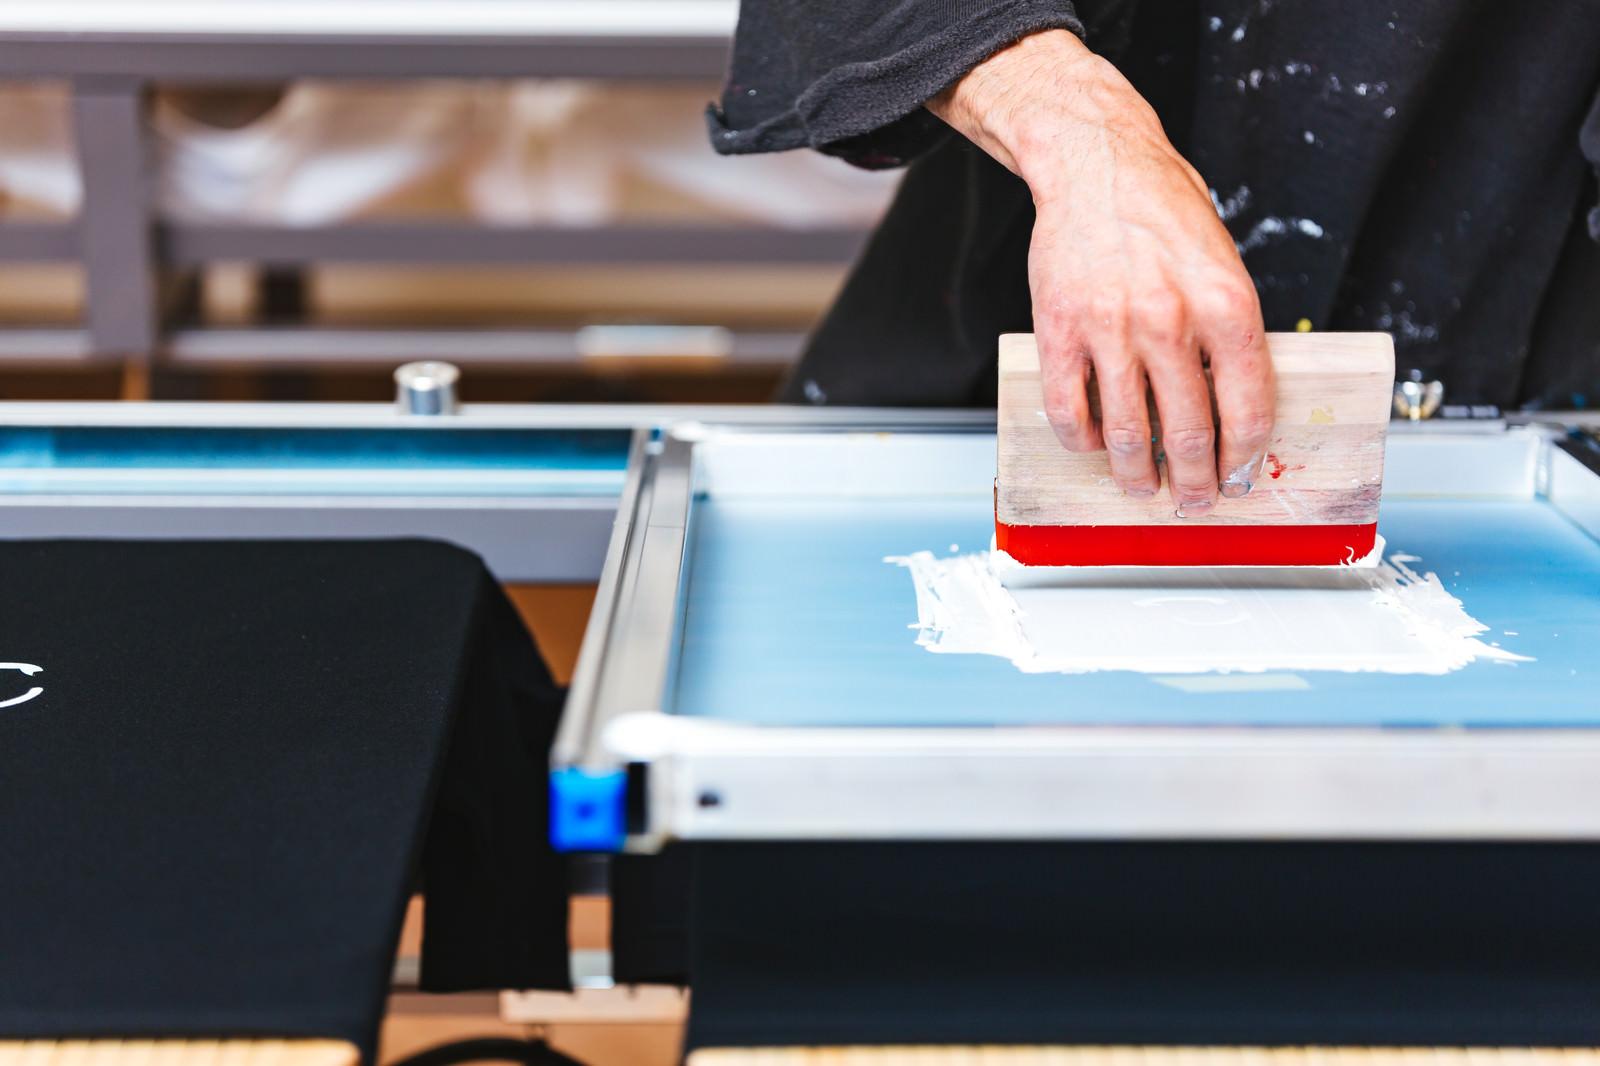 「シルクスクリーン印刷を行なう職人の手元」の写真